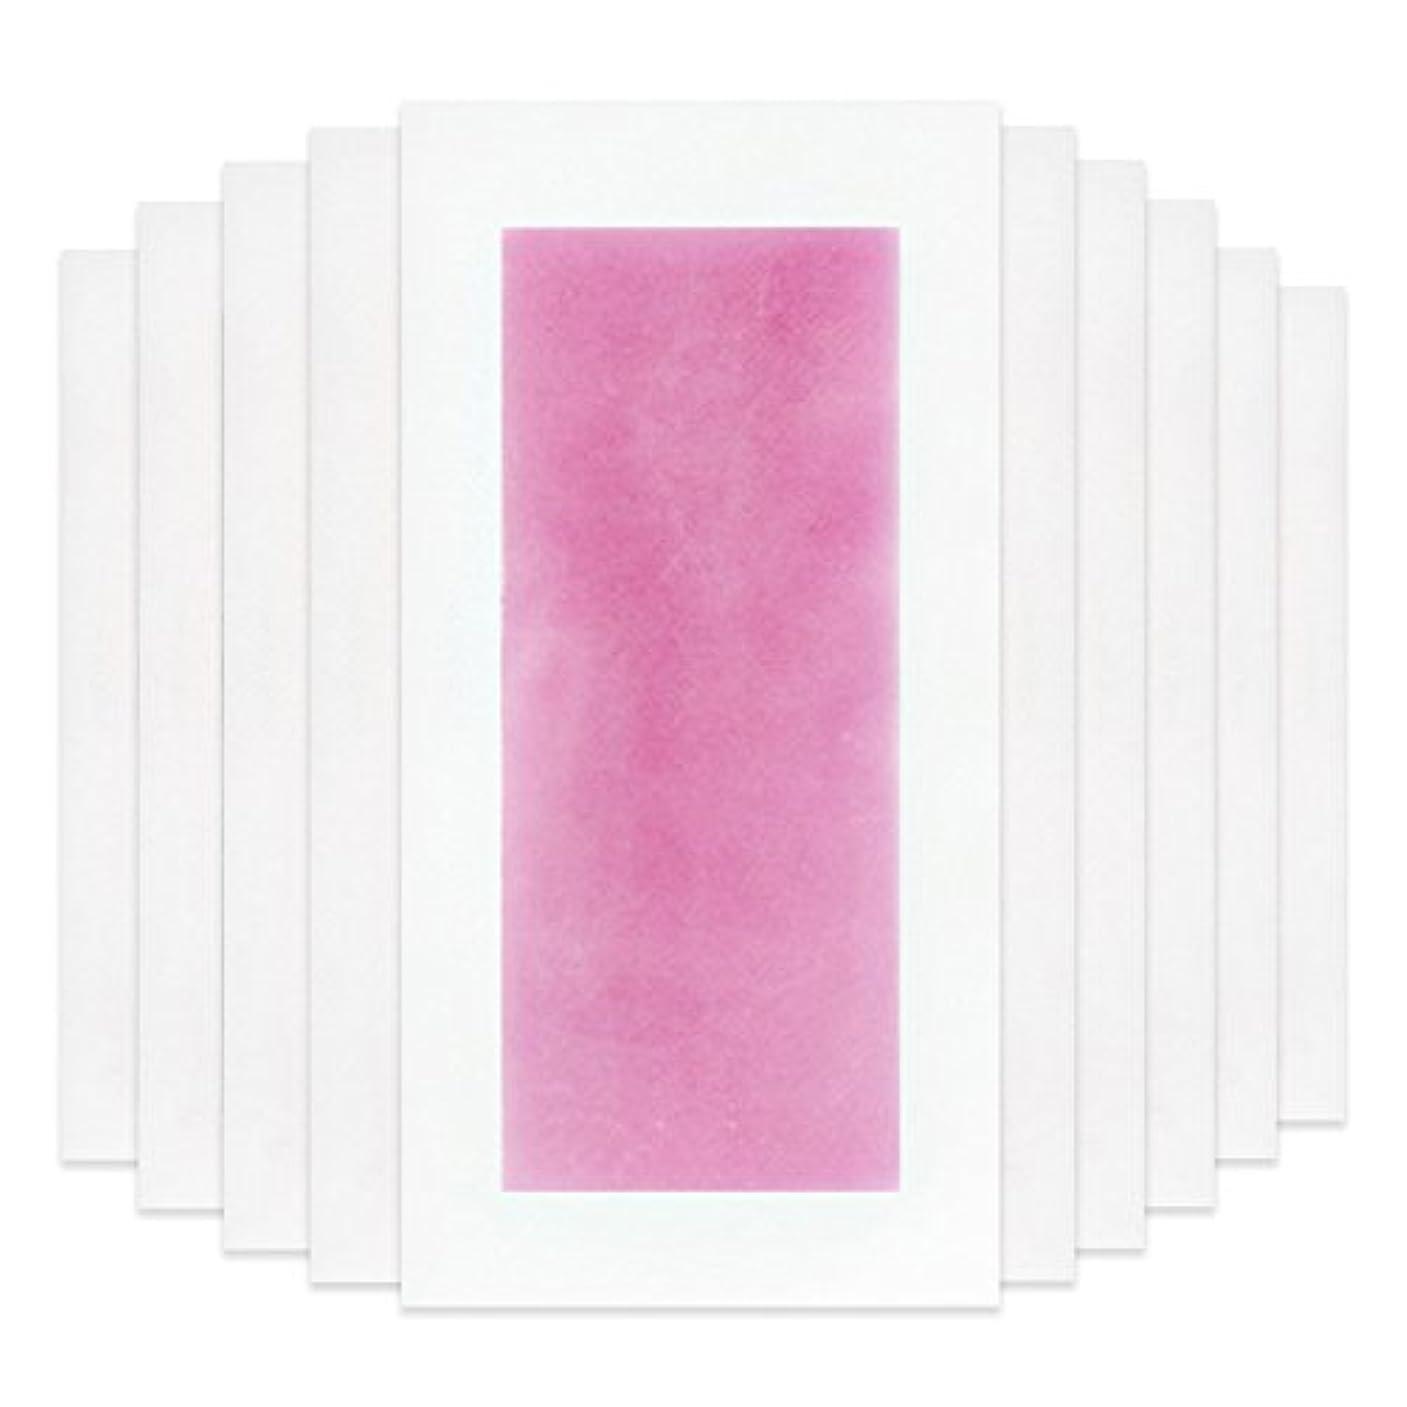 コンパクトナチュラル役立つRabugoo セクシー 脚の身体の顔のための10個のプロフェッショナルな夏の脱毛ダブルサイドコールドワックスストリップ紙 Pink